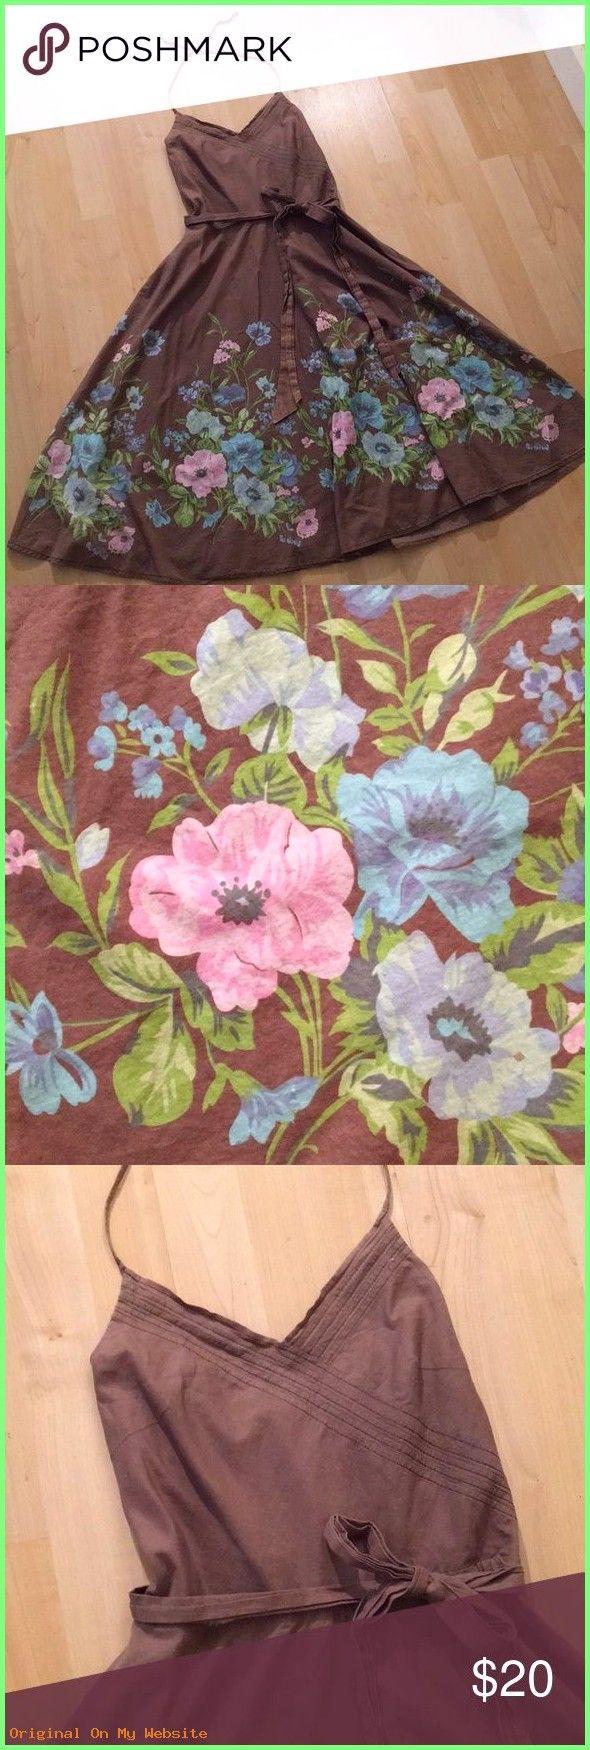 Sommerkleider 2019: Esprit Floral Halter Sundress Esprit Floral Halter Sundress. Lined cotton…